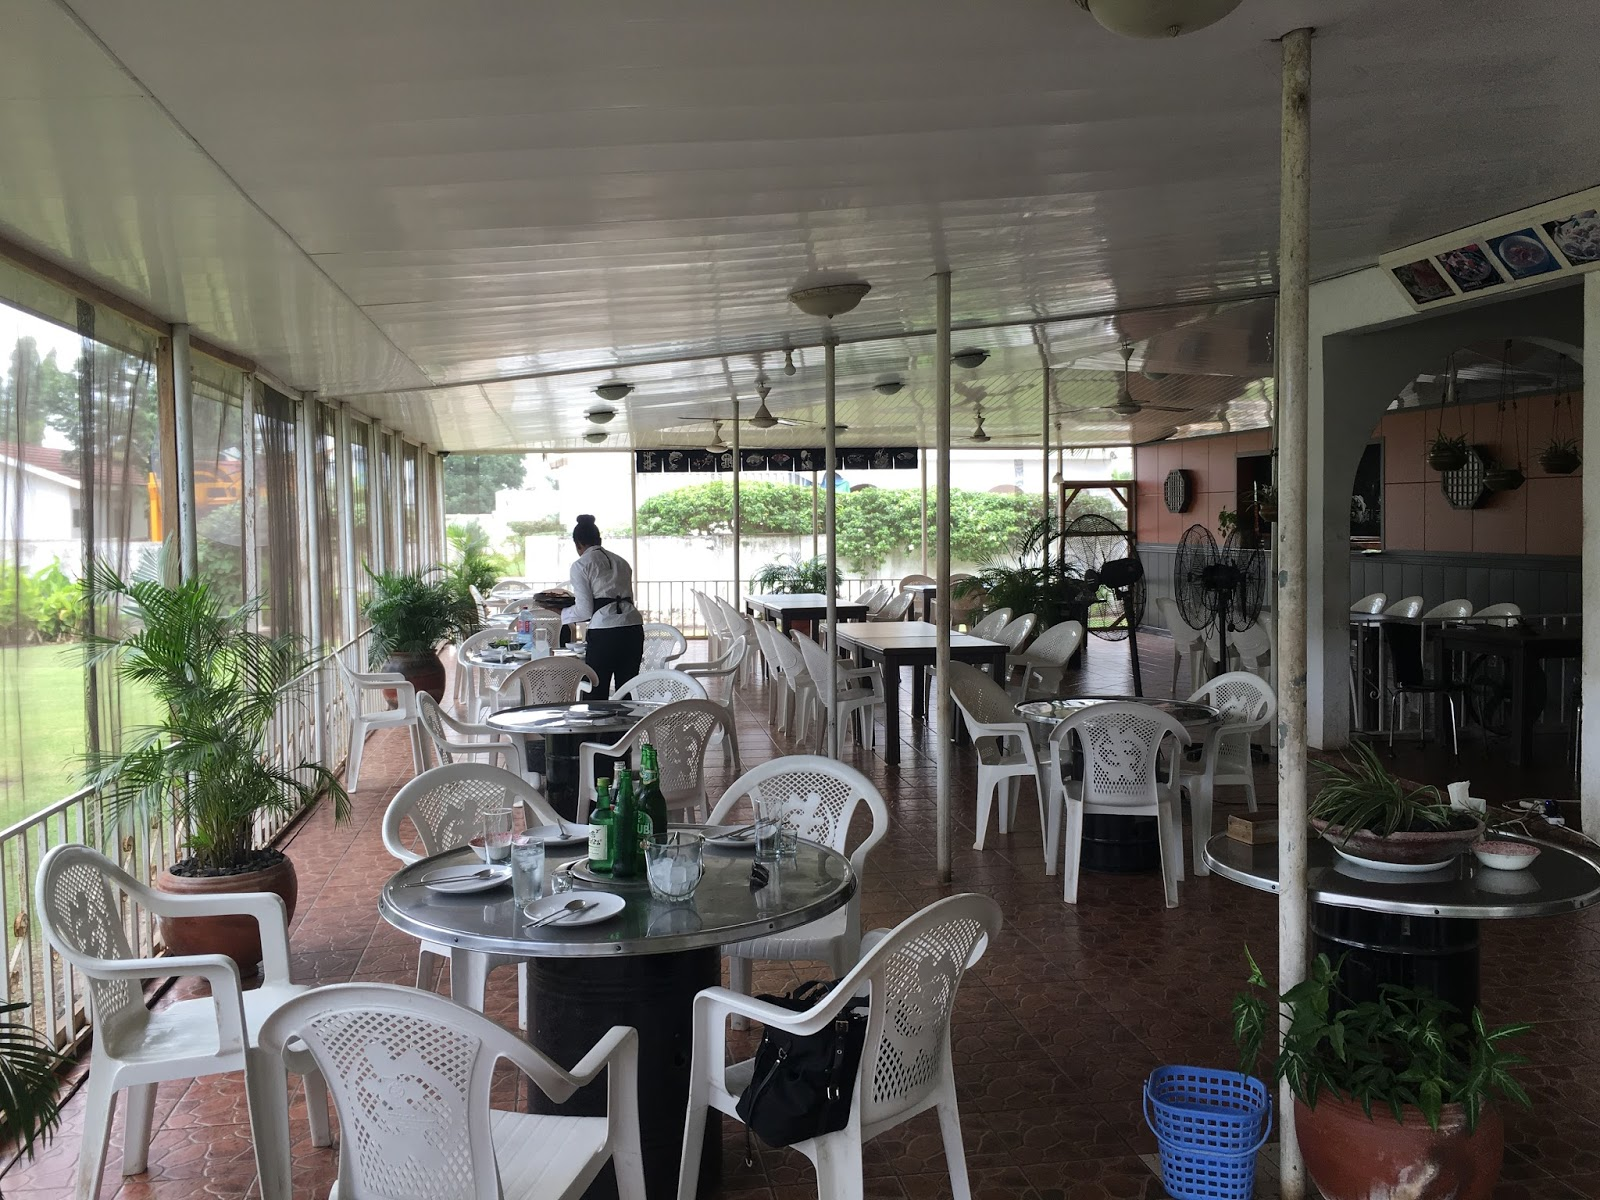 Diplomatic Jaunts: Fish Market and Arirang Korean Restaurant in Tema, Ghana